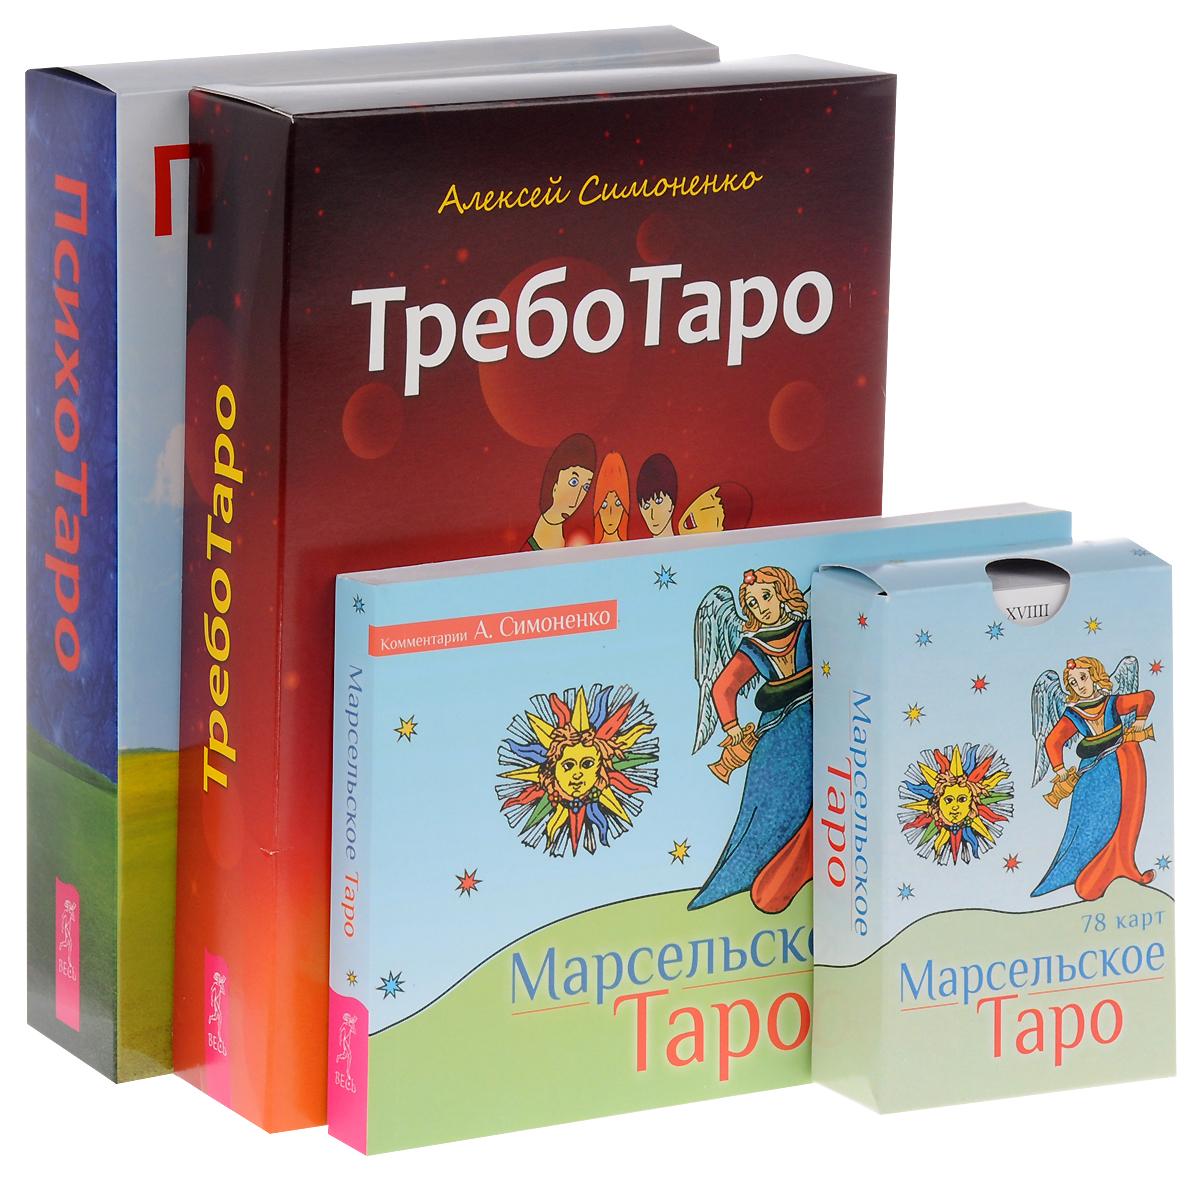 Марсельское Таро. ПсихоТаро. ТребоТаро (комплект из 3 книг + 78 карт). А. Сисоненко